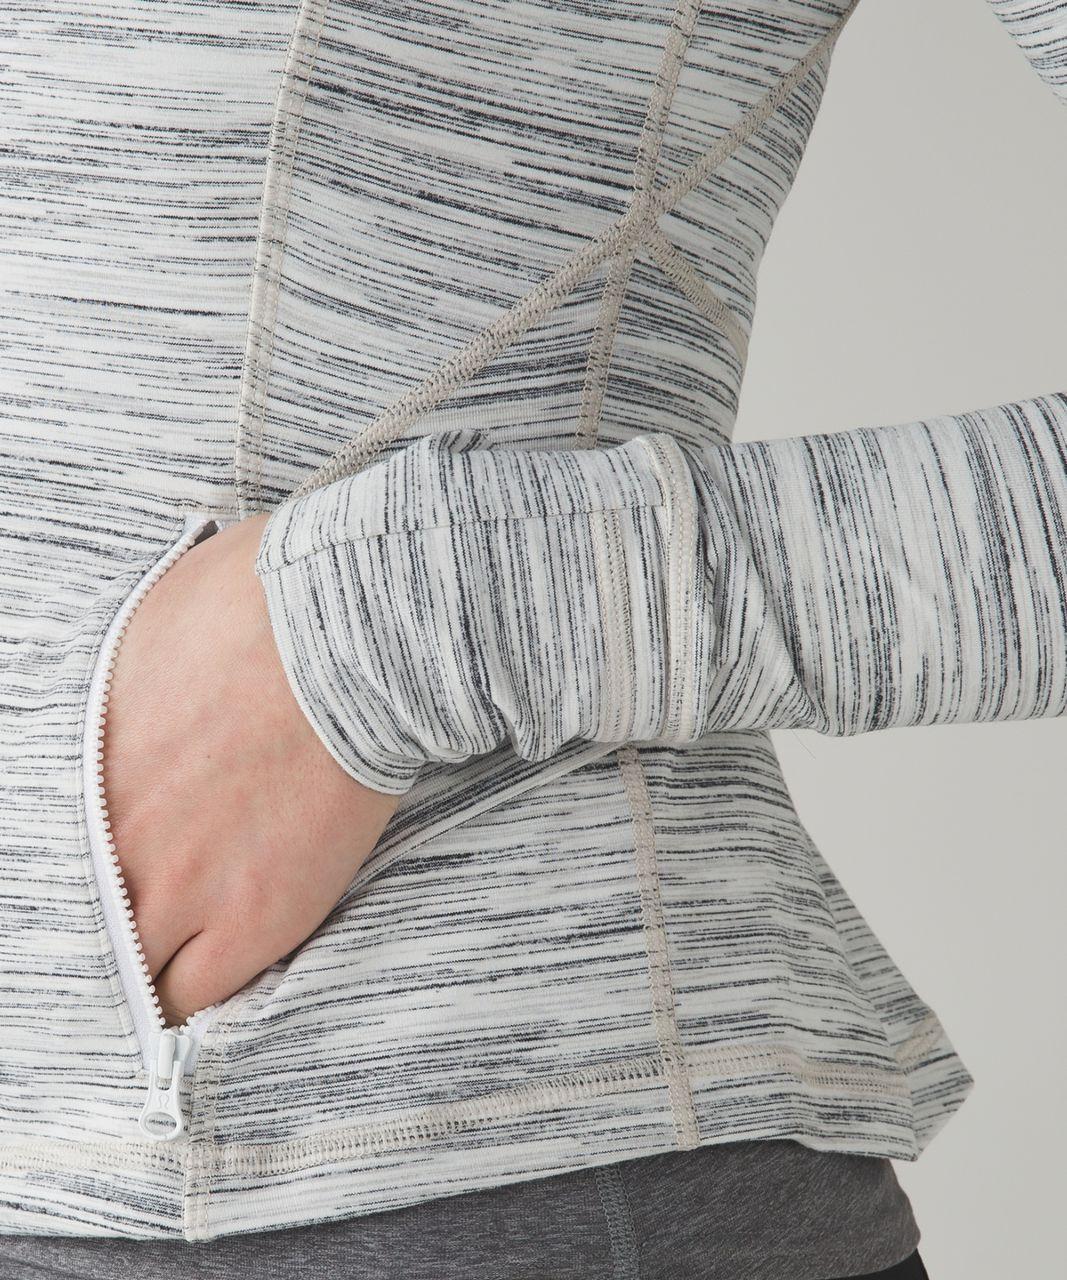 Lululemon Hustle In Your Bustle Jacket - Space Dye Camo White Silver Spoon